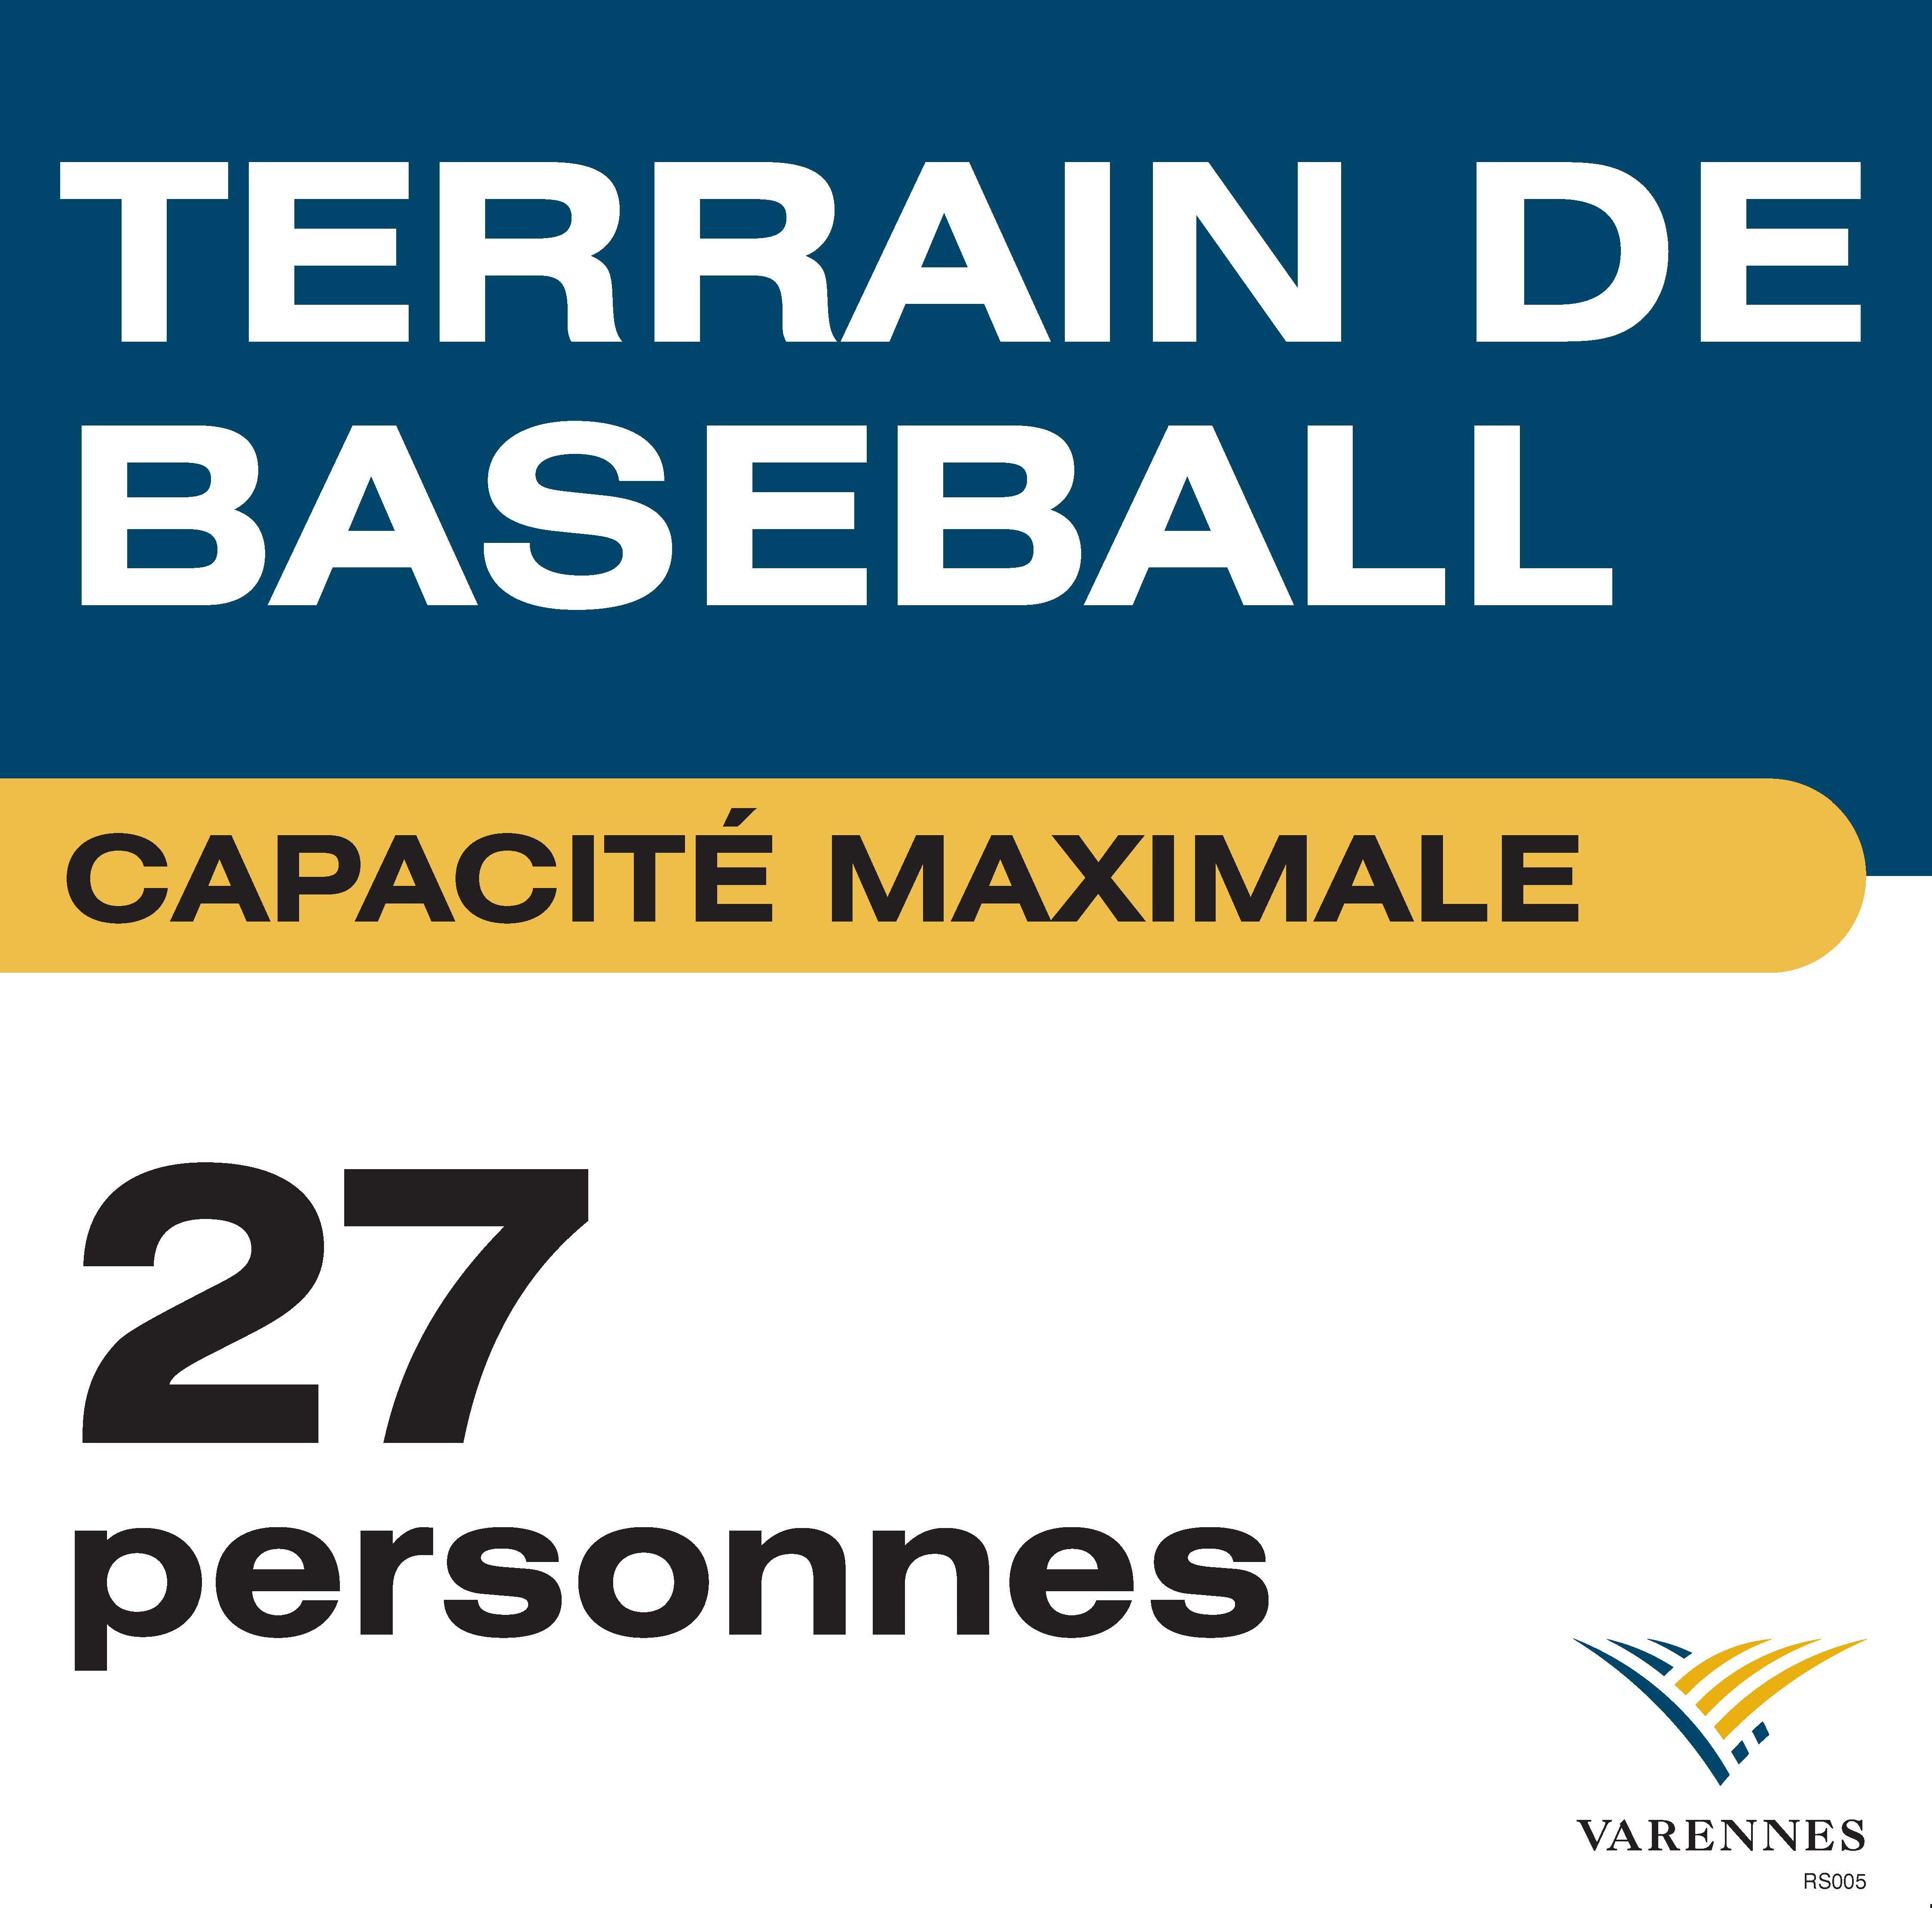 2021-04-21_-_Terrains_baseball.jpg (525 KB)